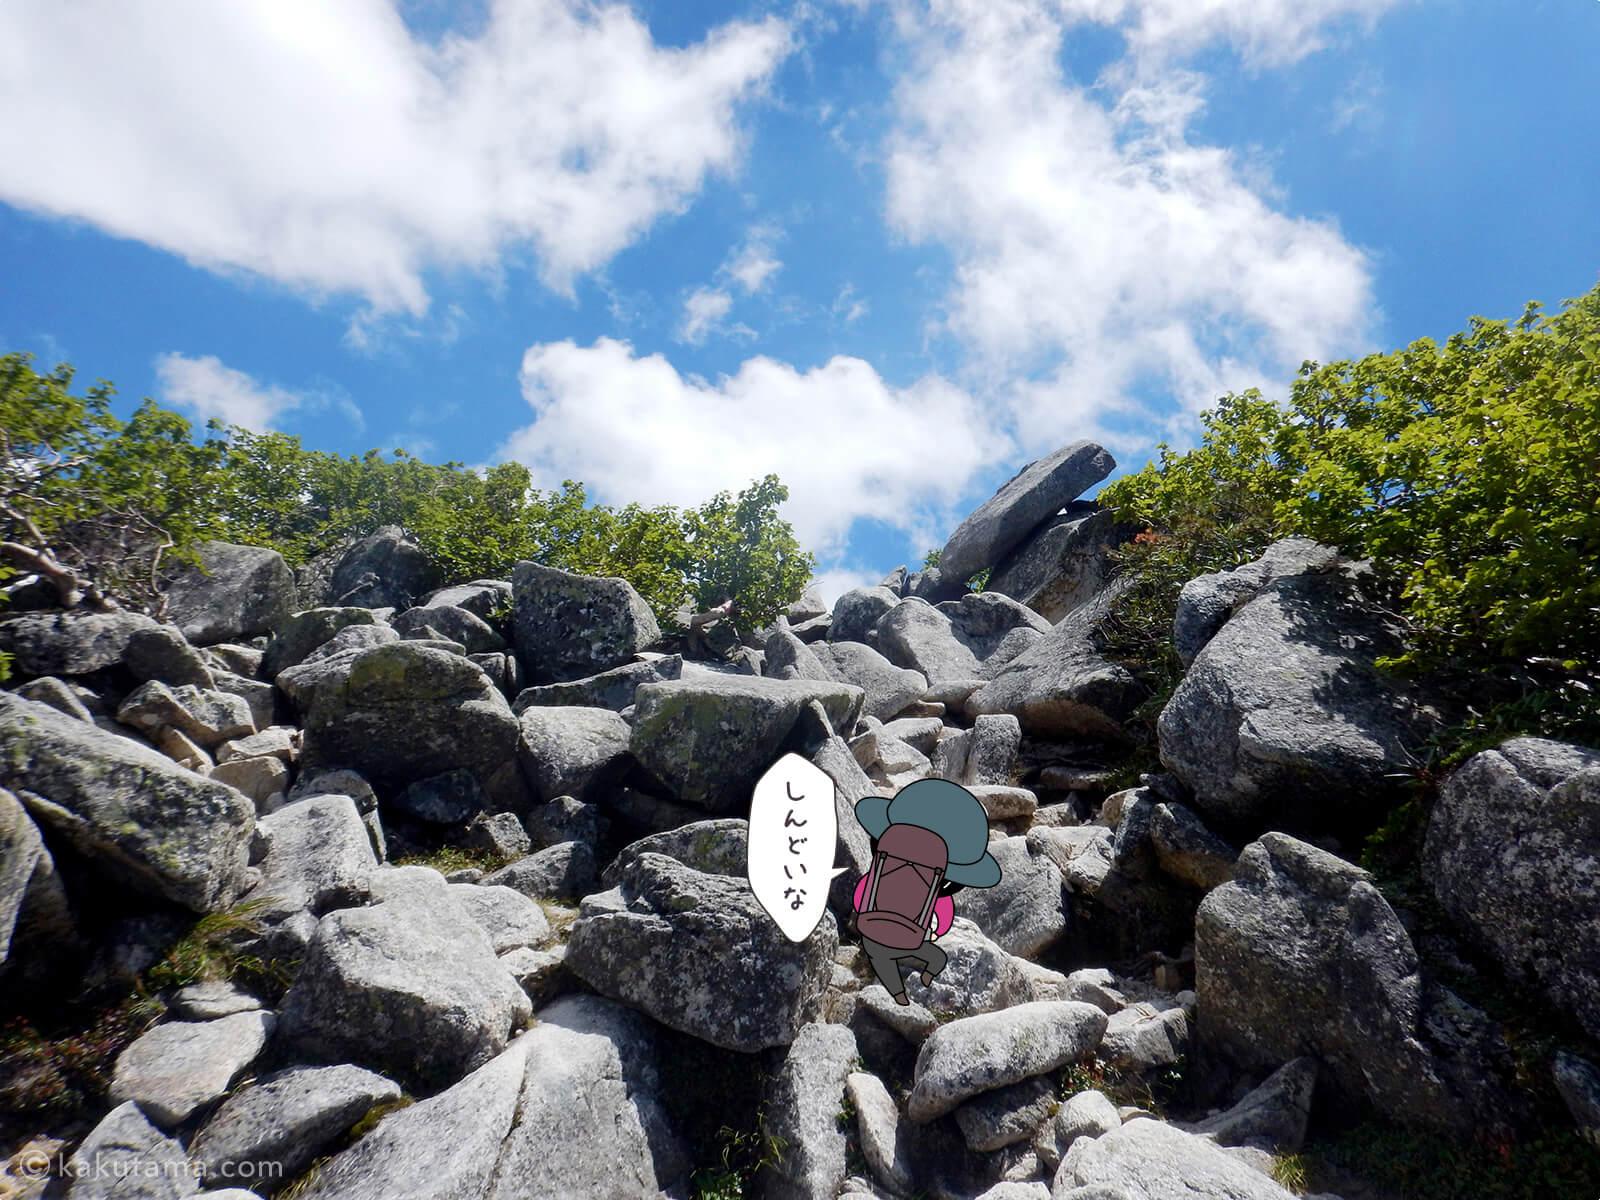 ゴツゴツの岩場